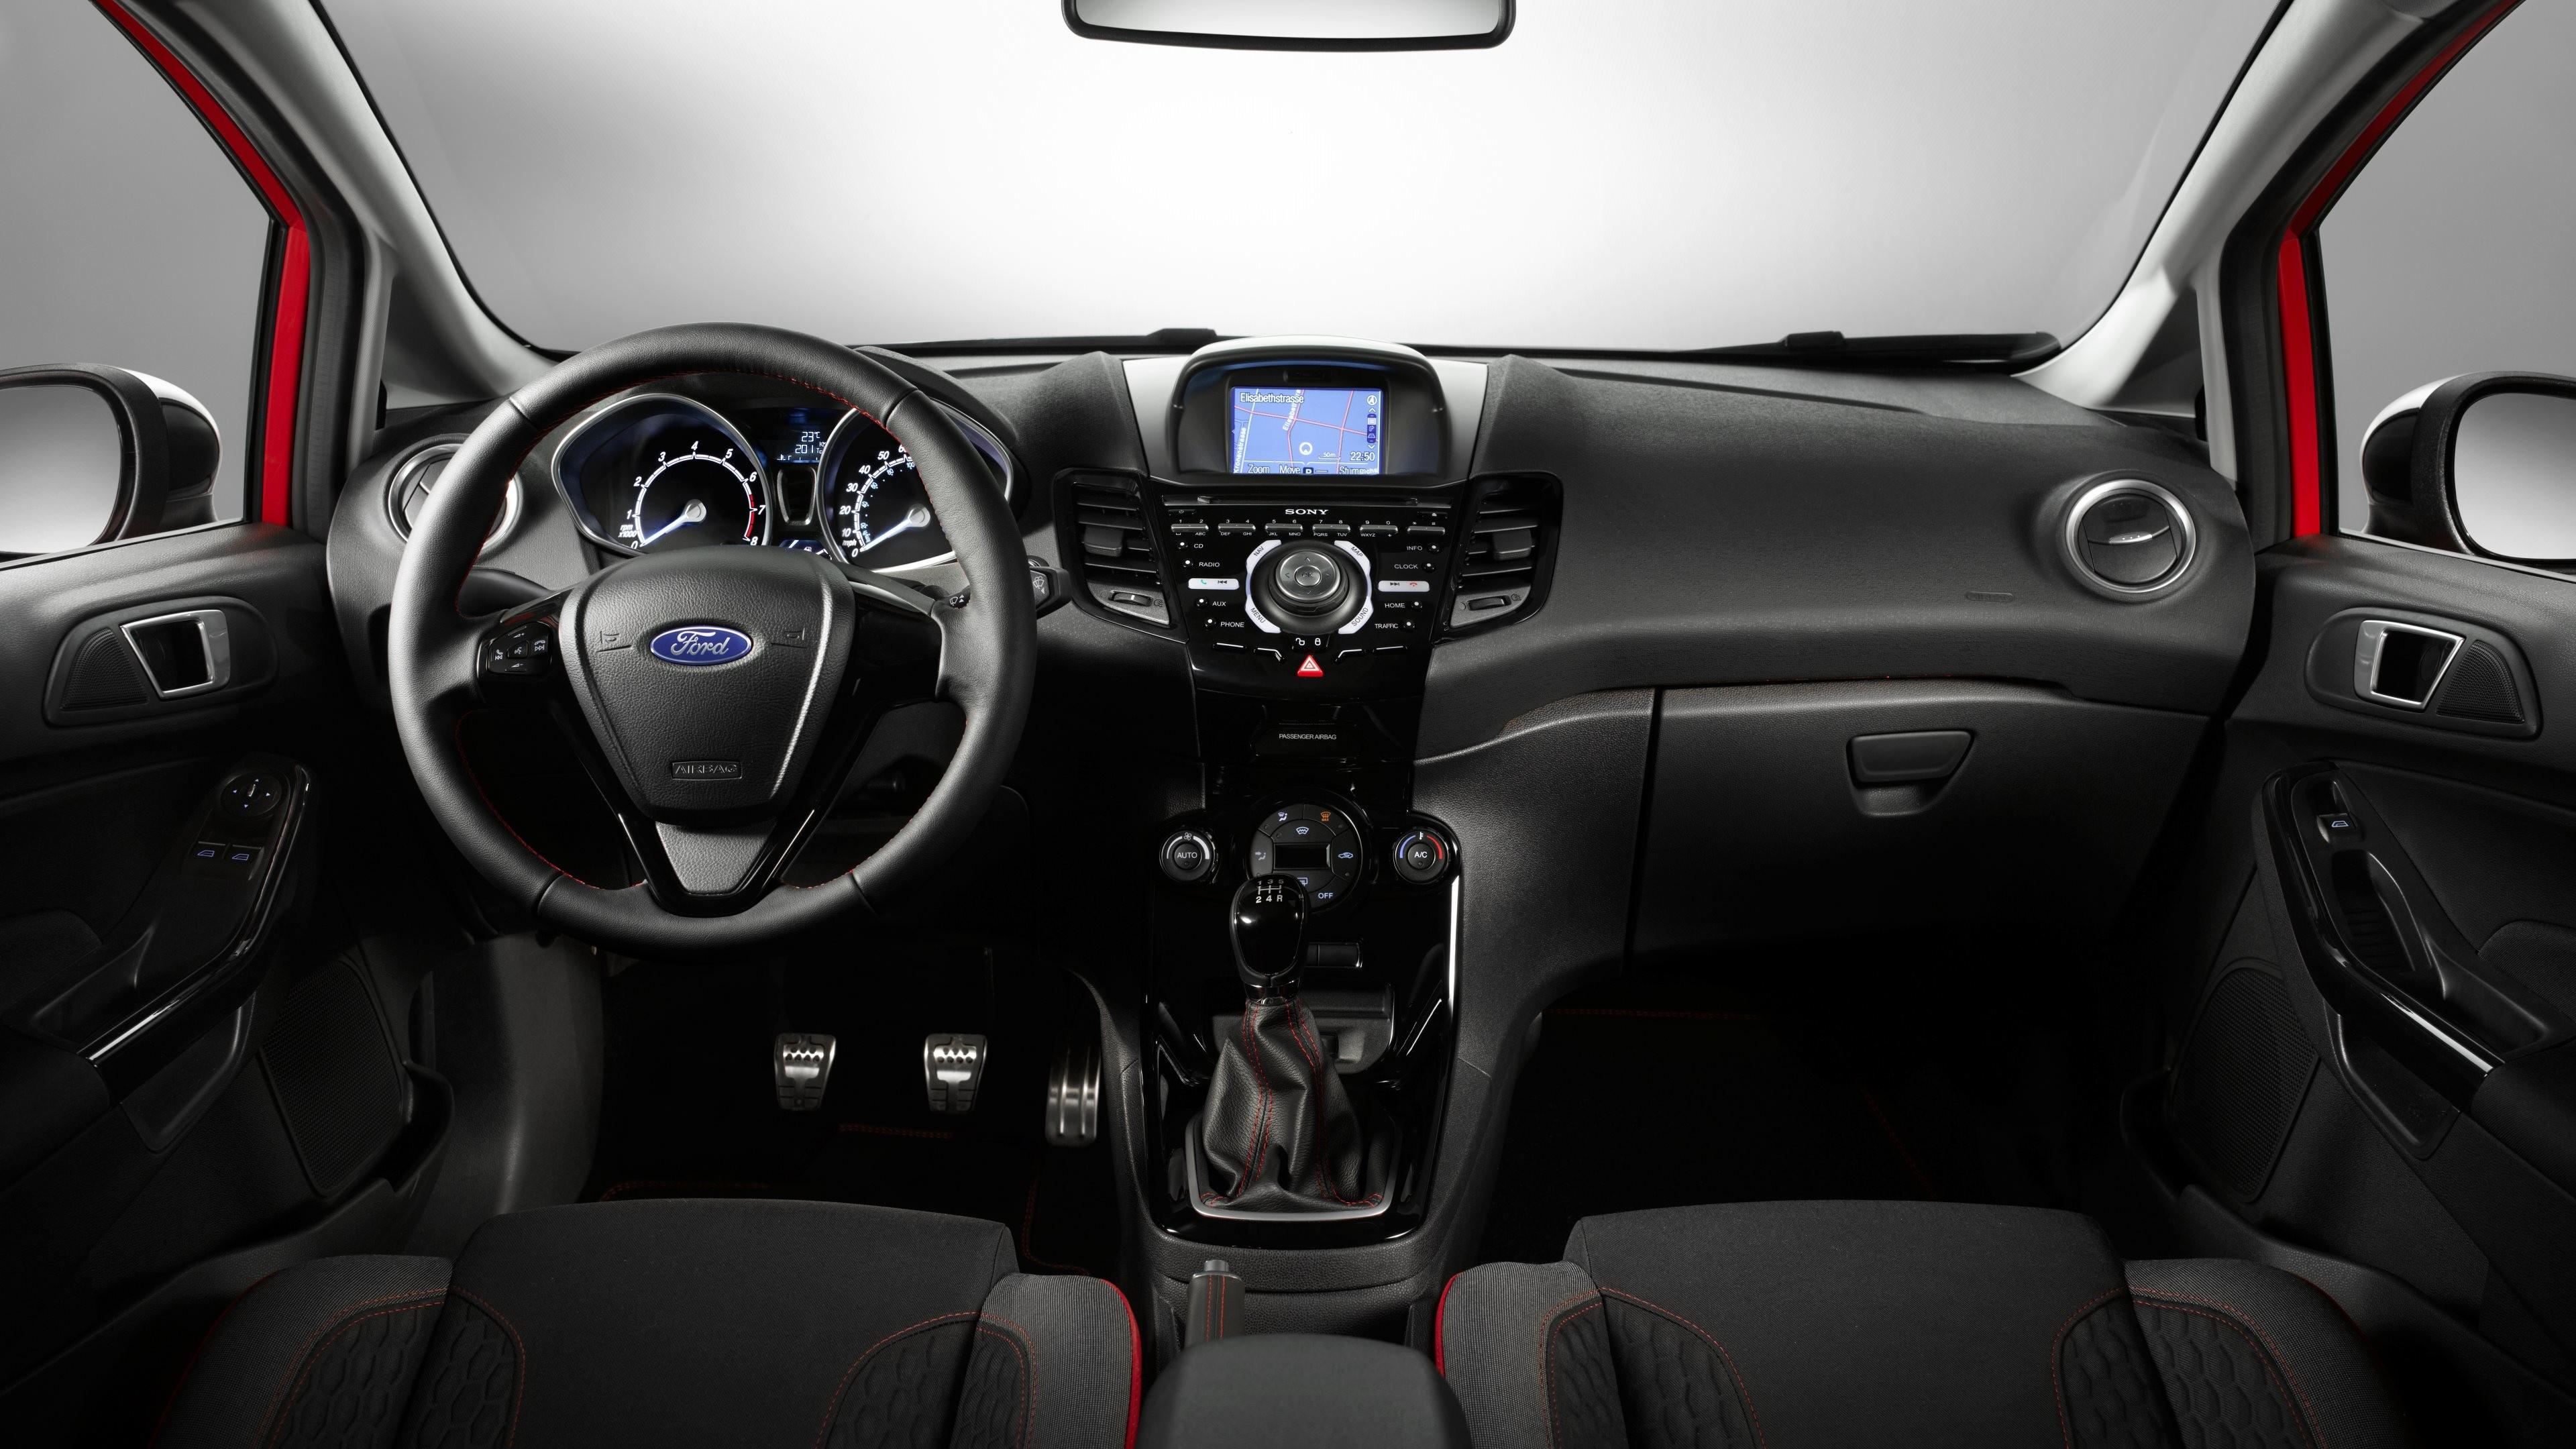 Wallpaper 4: Ford Fiesta Red Black. Ultra HD 4K 3840×2160